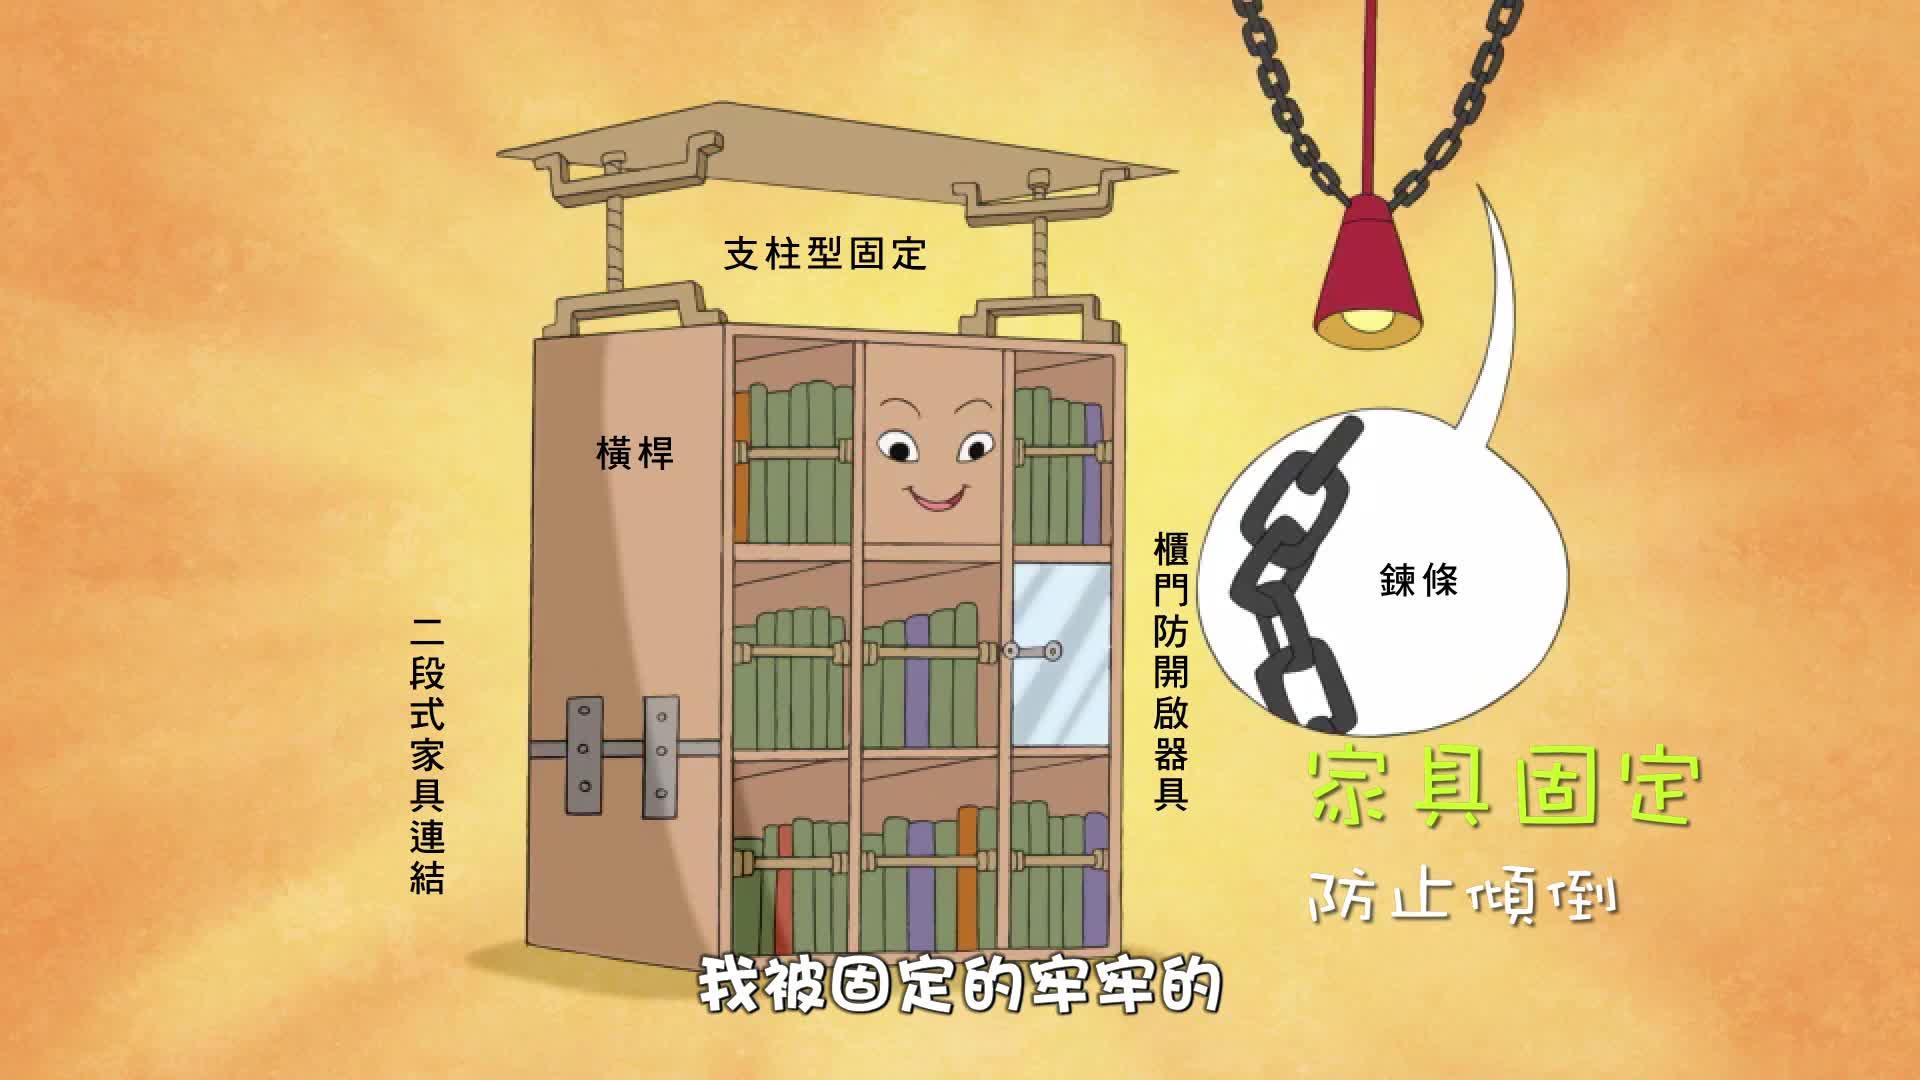 臺北防災立即go-日常防震篇30秒(國語)